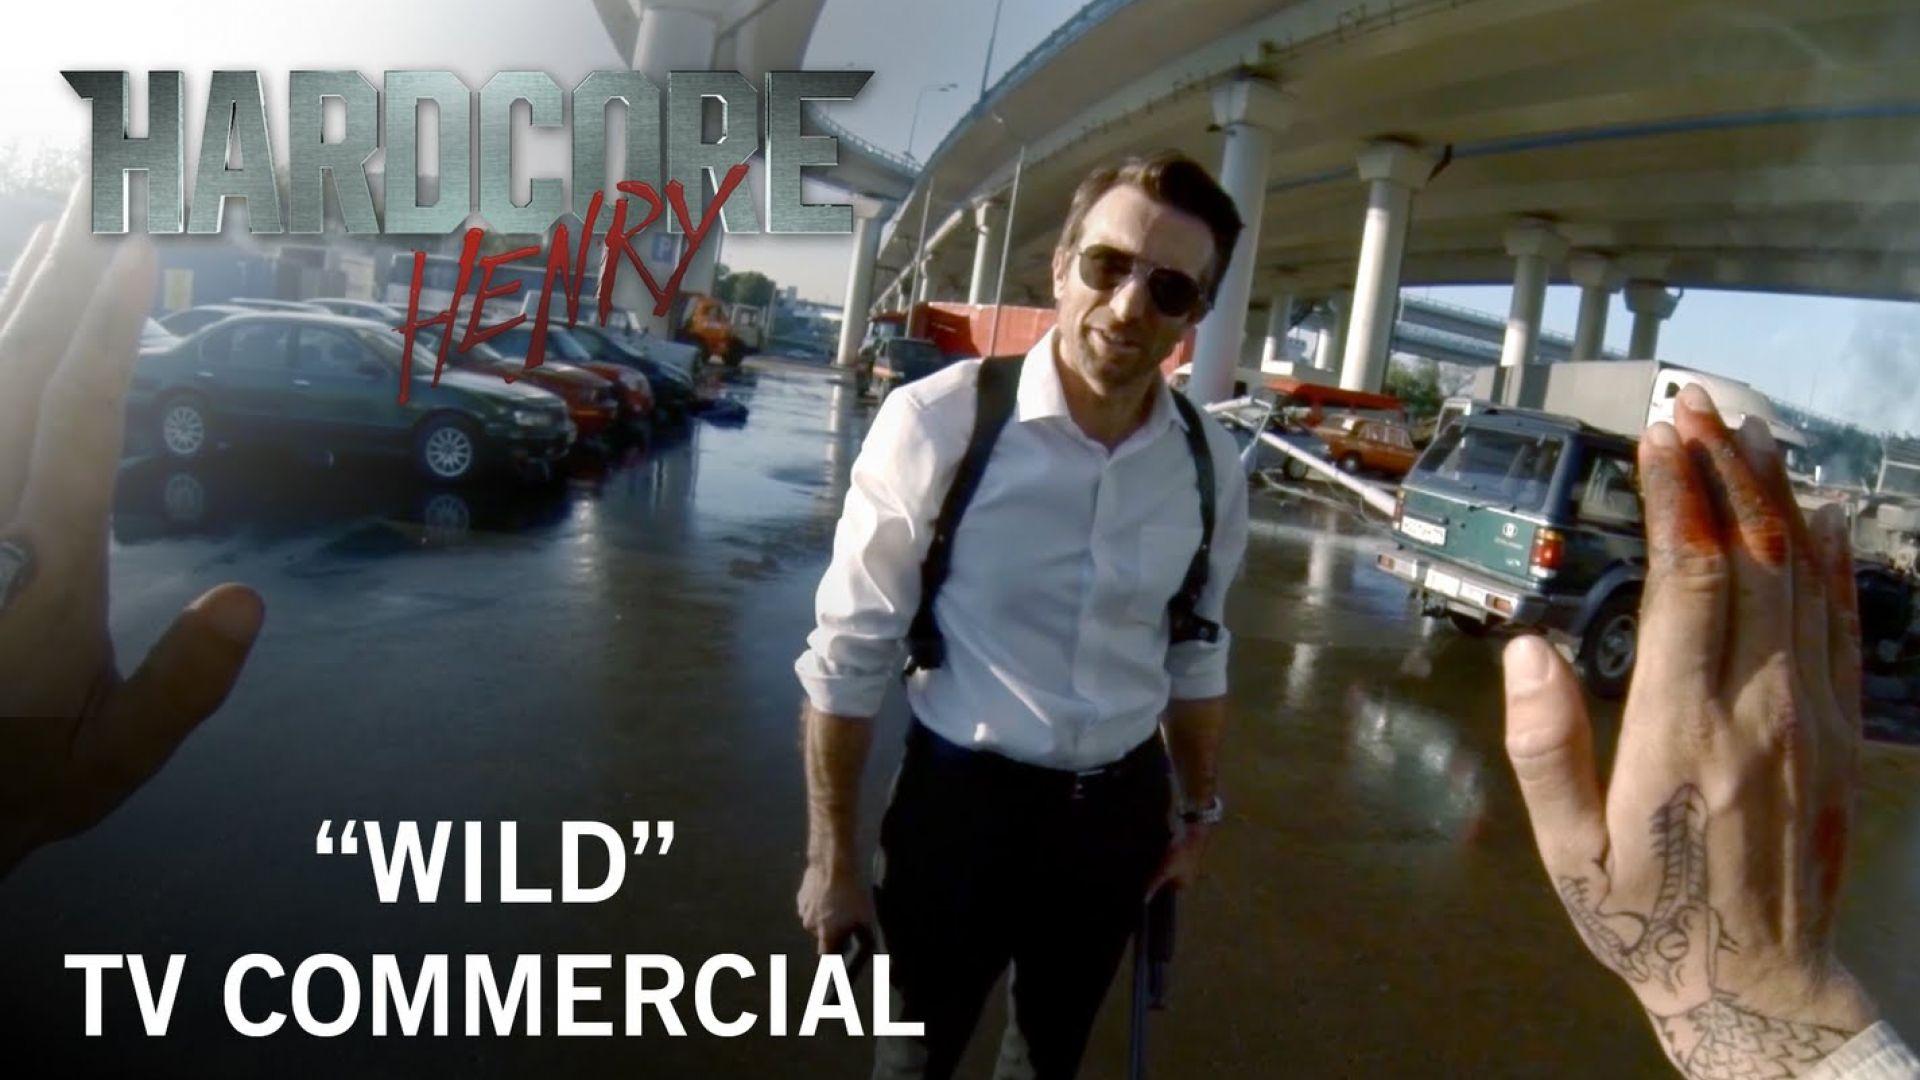 """Hardcore Henry """"Wild"""" TV Commercial"""